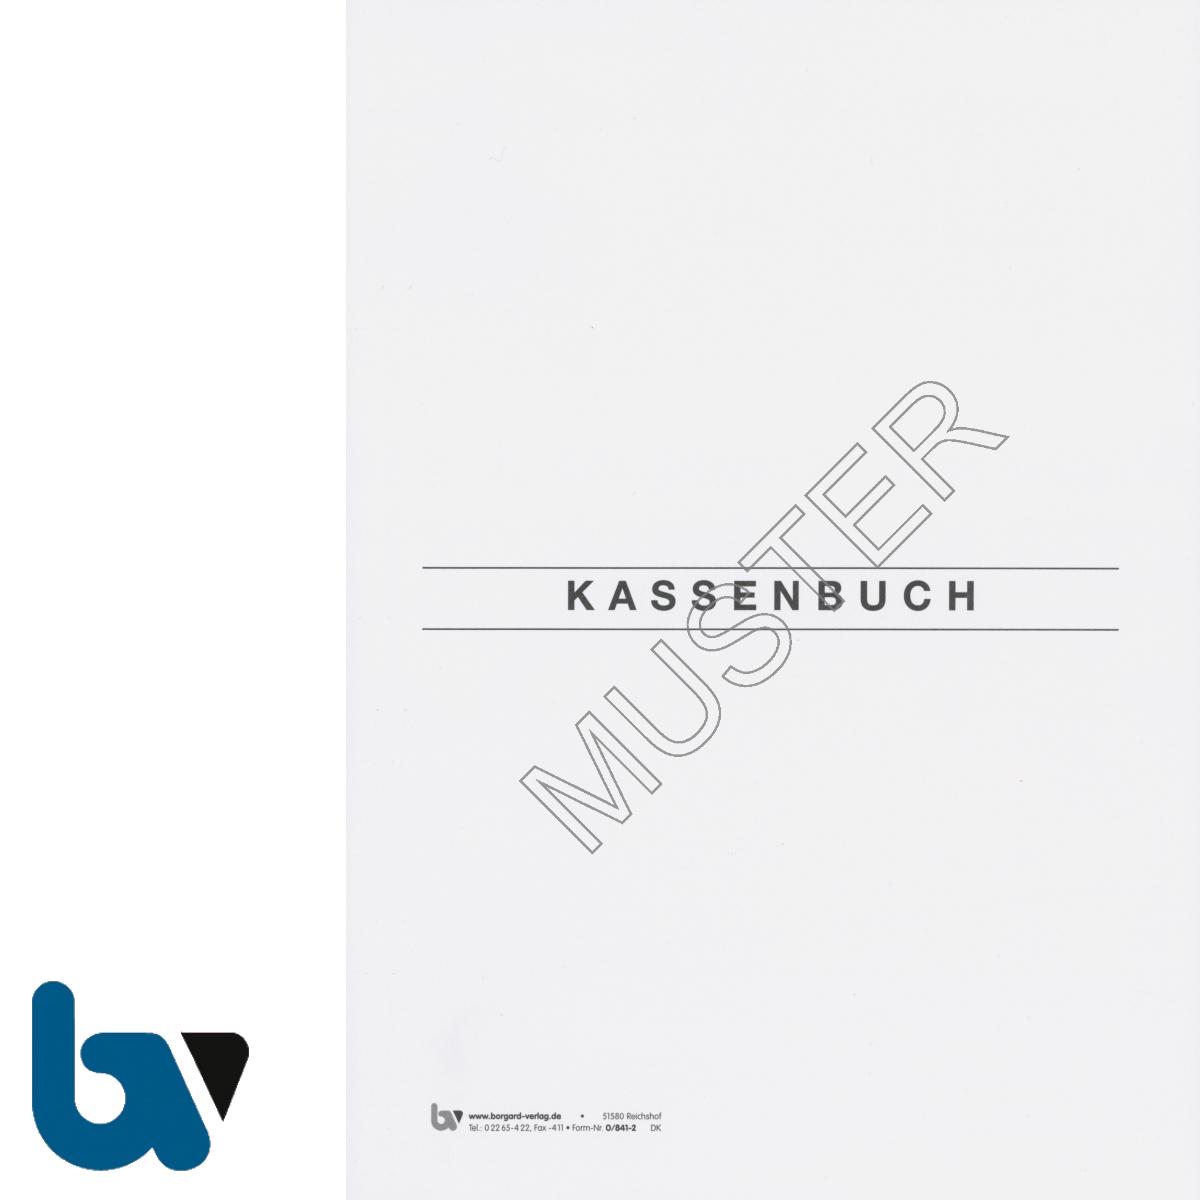 0/841-2 Kassenbuch Heft Doppik Doppisch 100 Seiten geheftet Vorderseite | Borgard Verlag GmbH